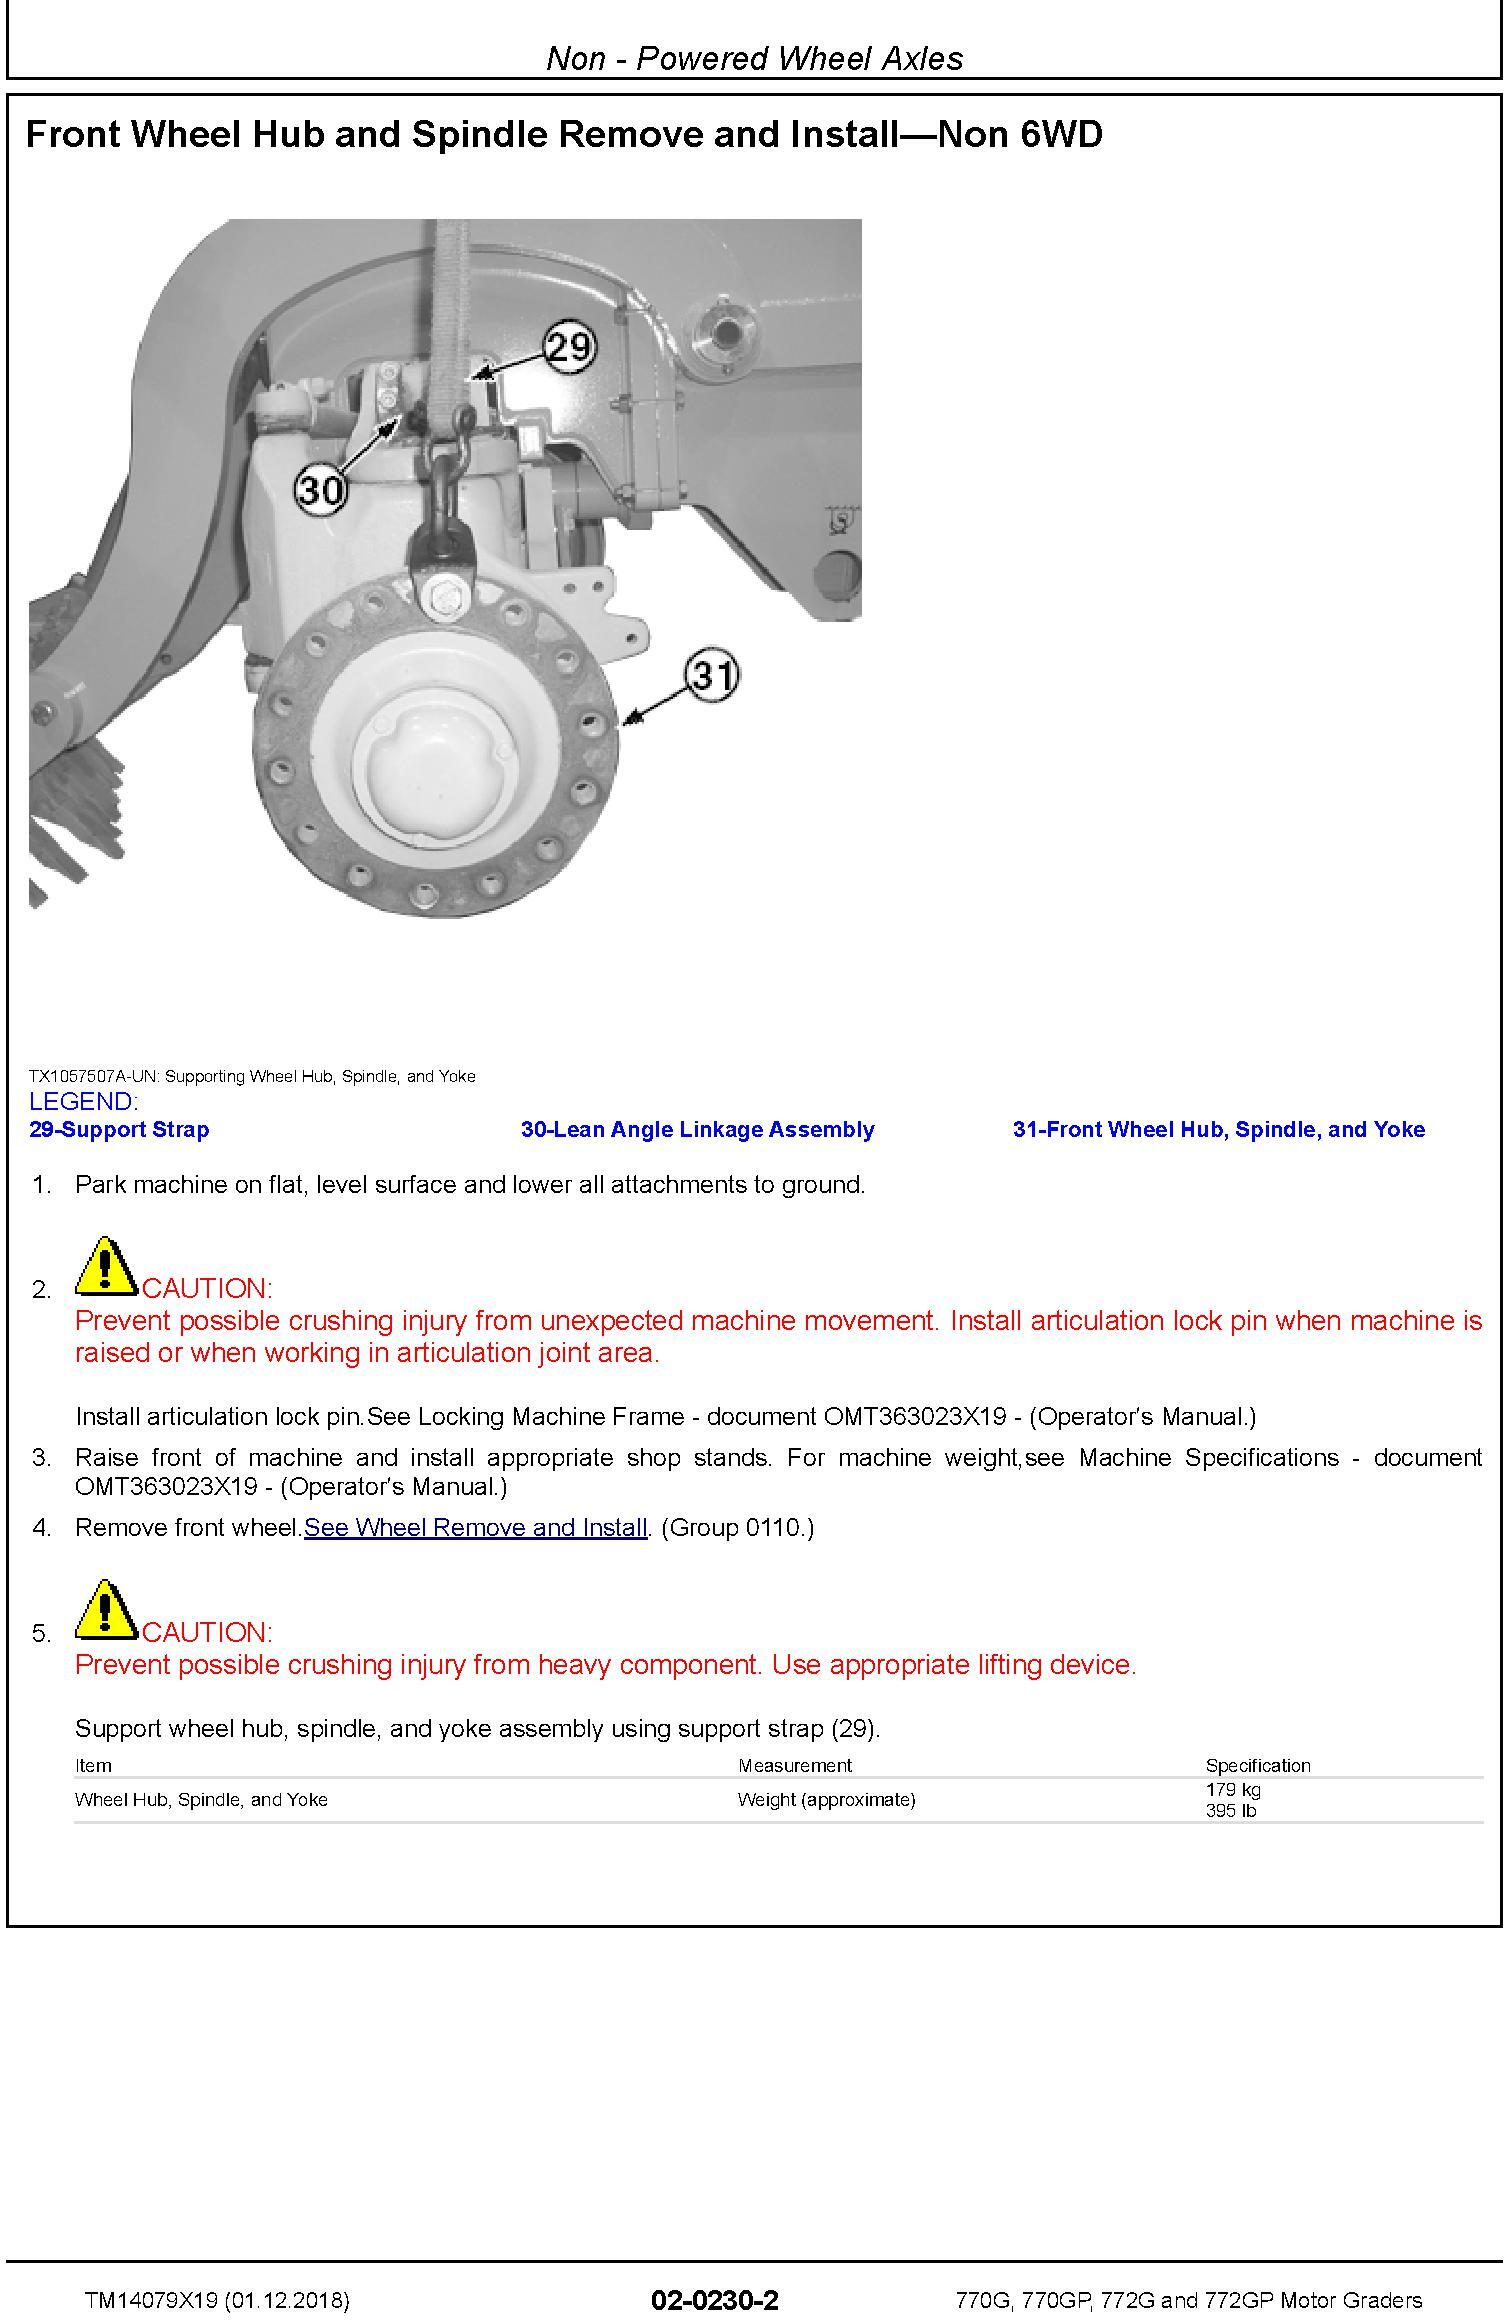 John Deere 770G, 770GP, 772G, 772GP (SN.C678818—680877) Motor Graders Repair Manual (TM14079X19) - 2